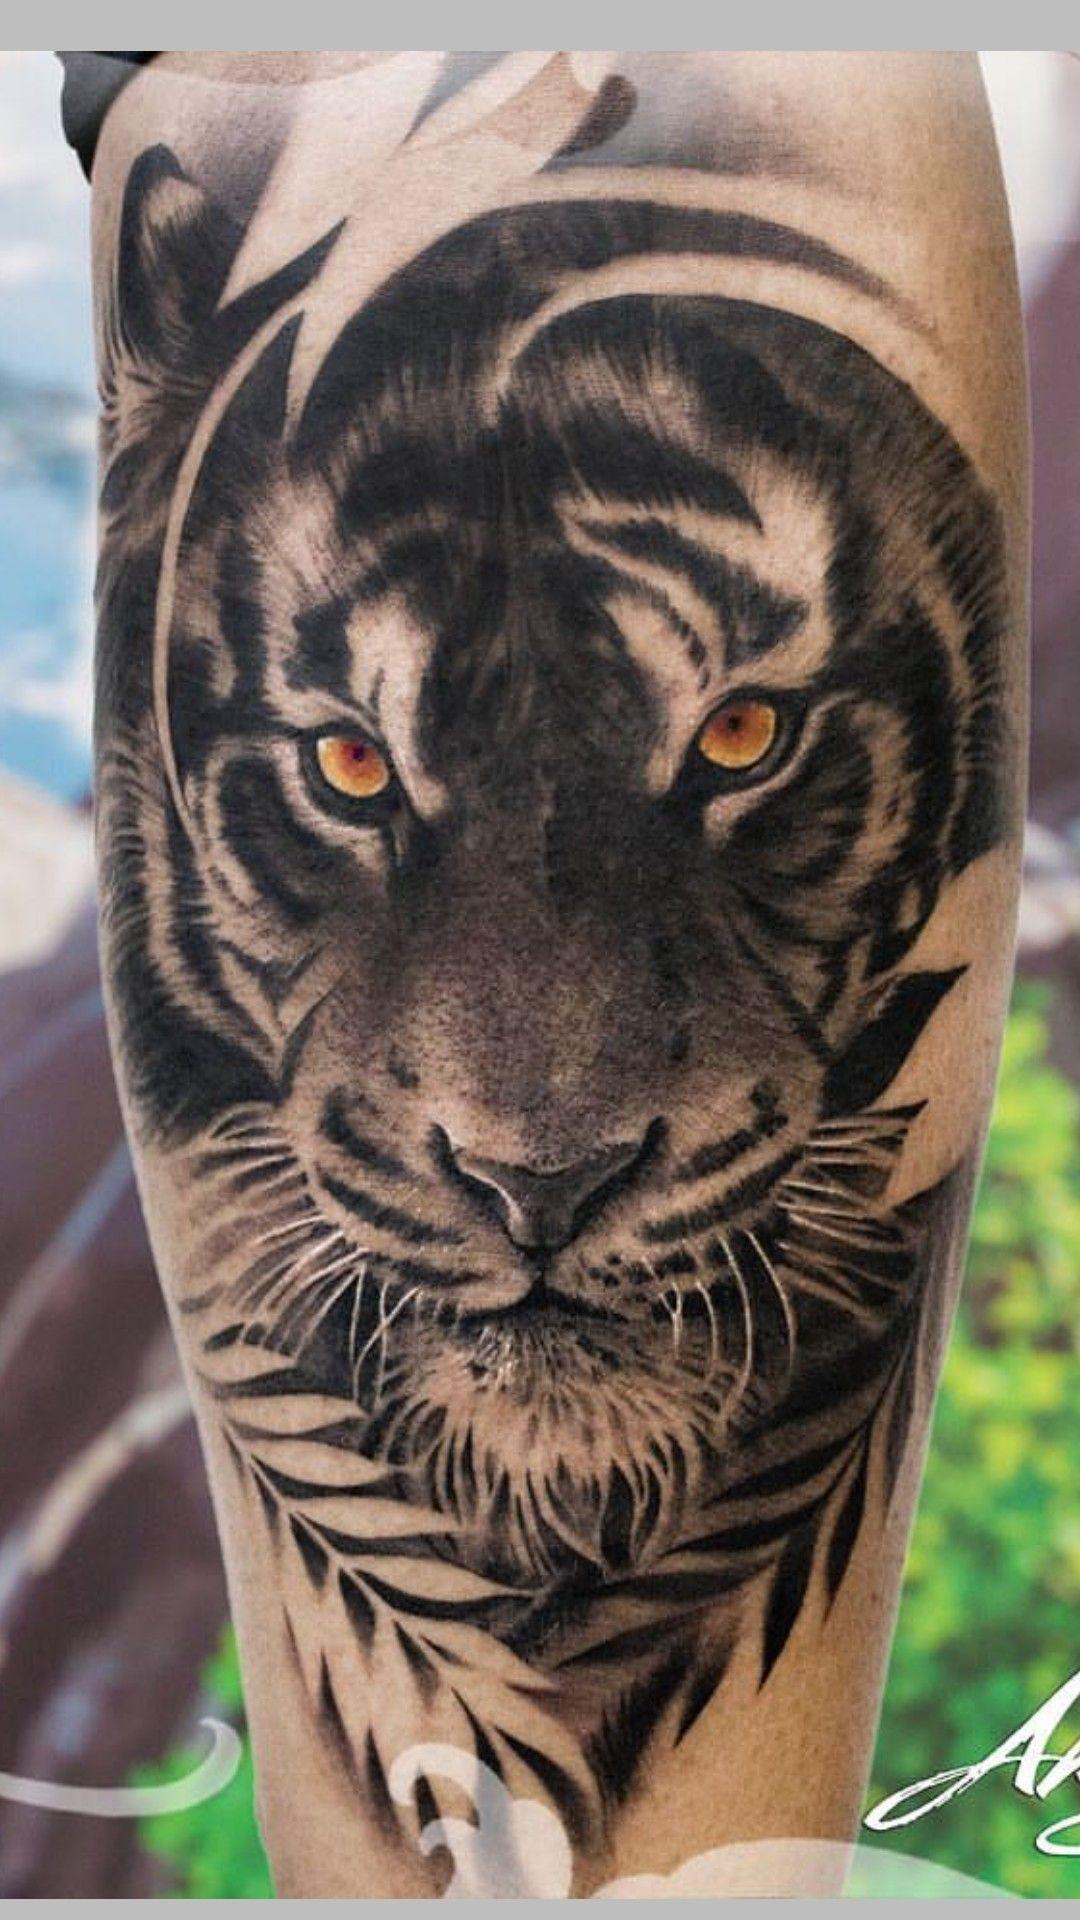 Pin De Gustavo Cisneros En Tatuajes Tatuaje De Tigre Tatuajes De Animales Tatuaje De Tigres